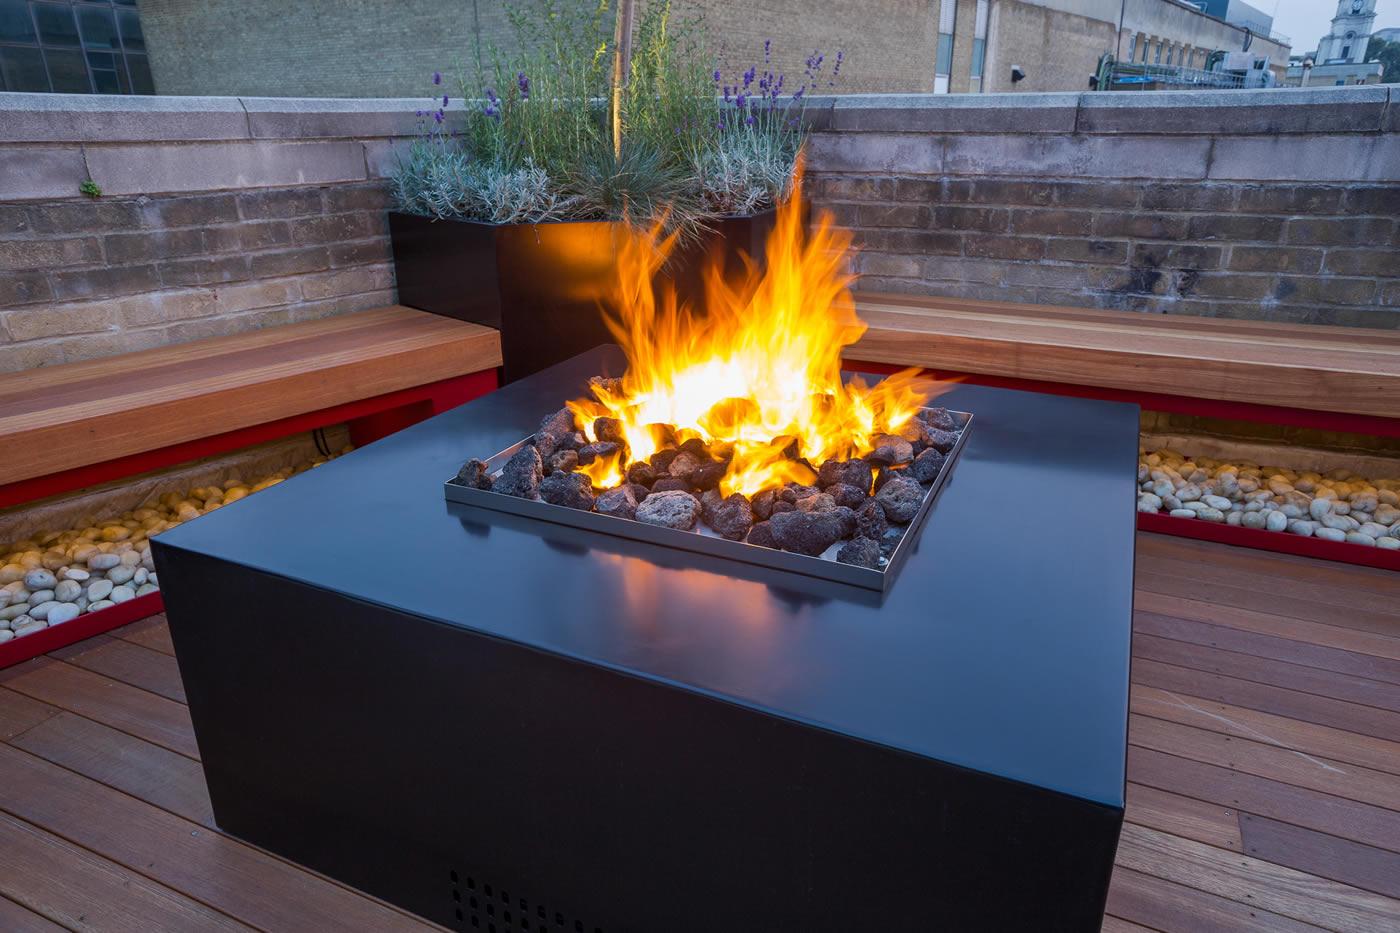 Outdoor garden features fires